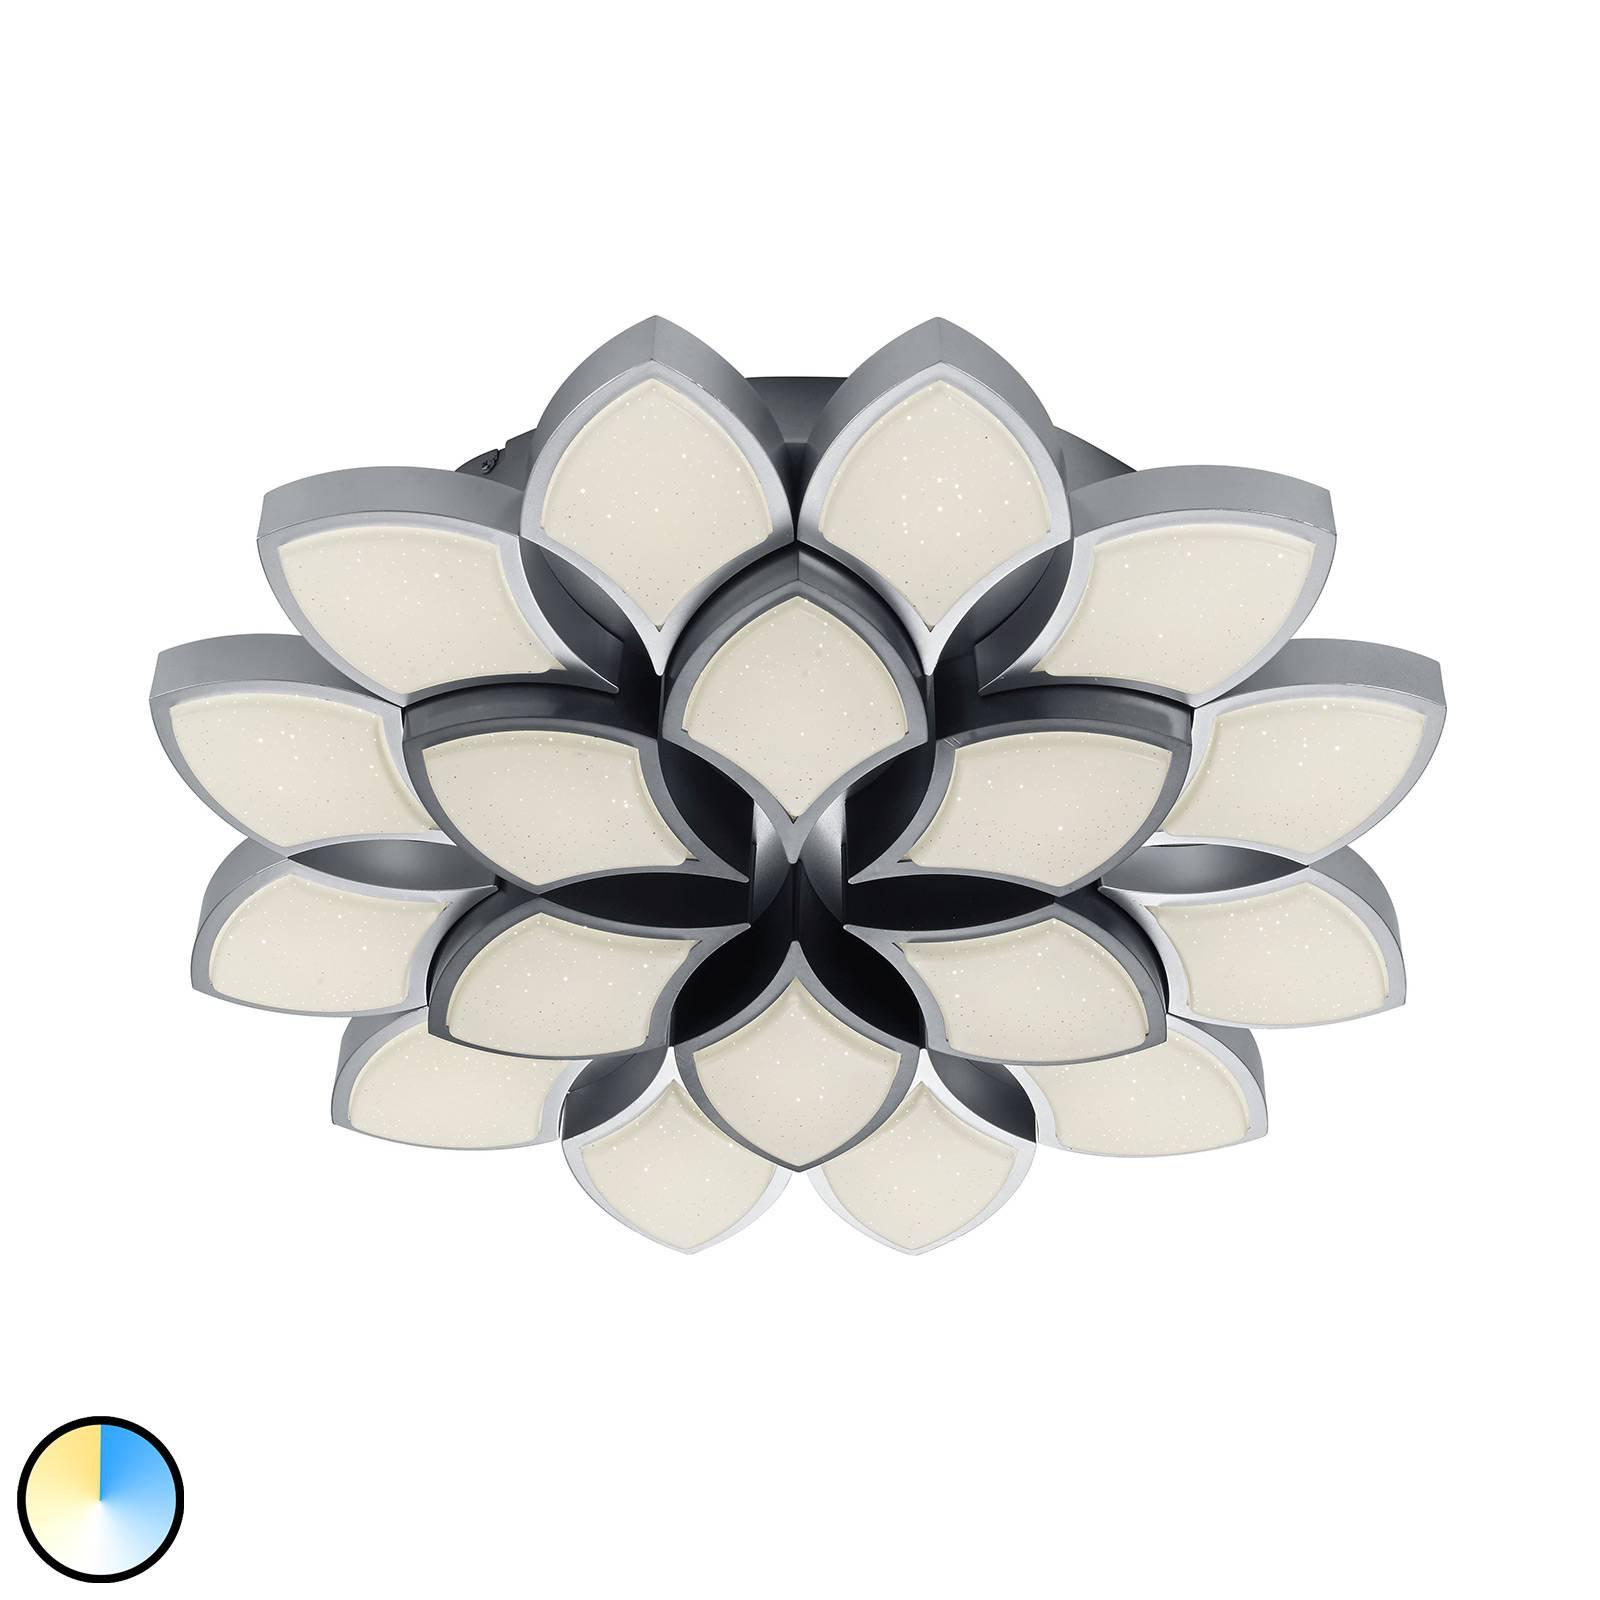 B-Leuchten Rose LED-taklampe, 65 cm